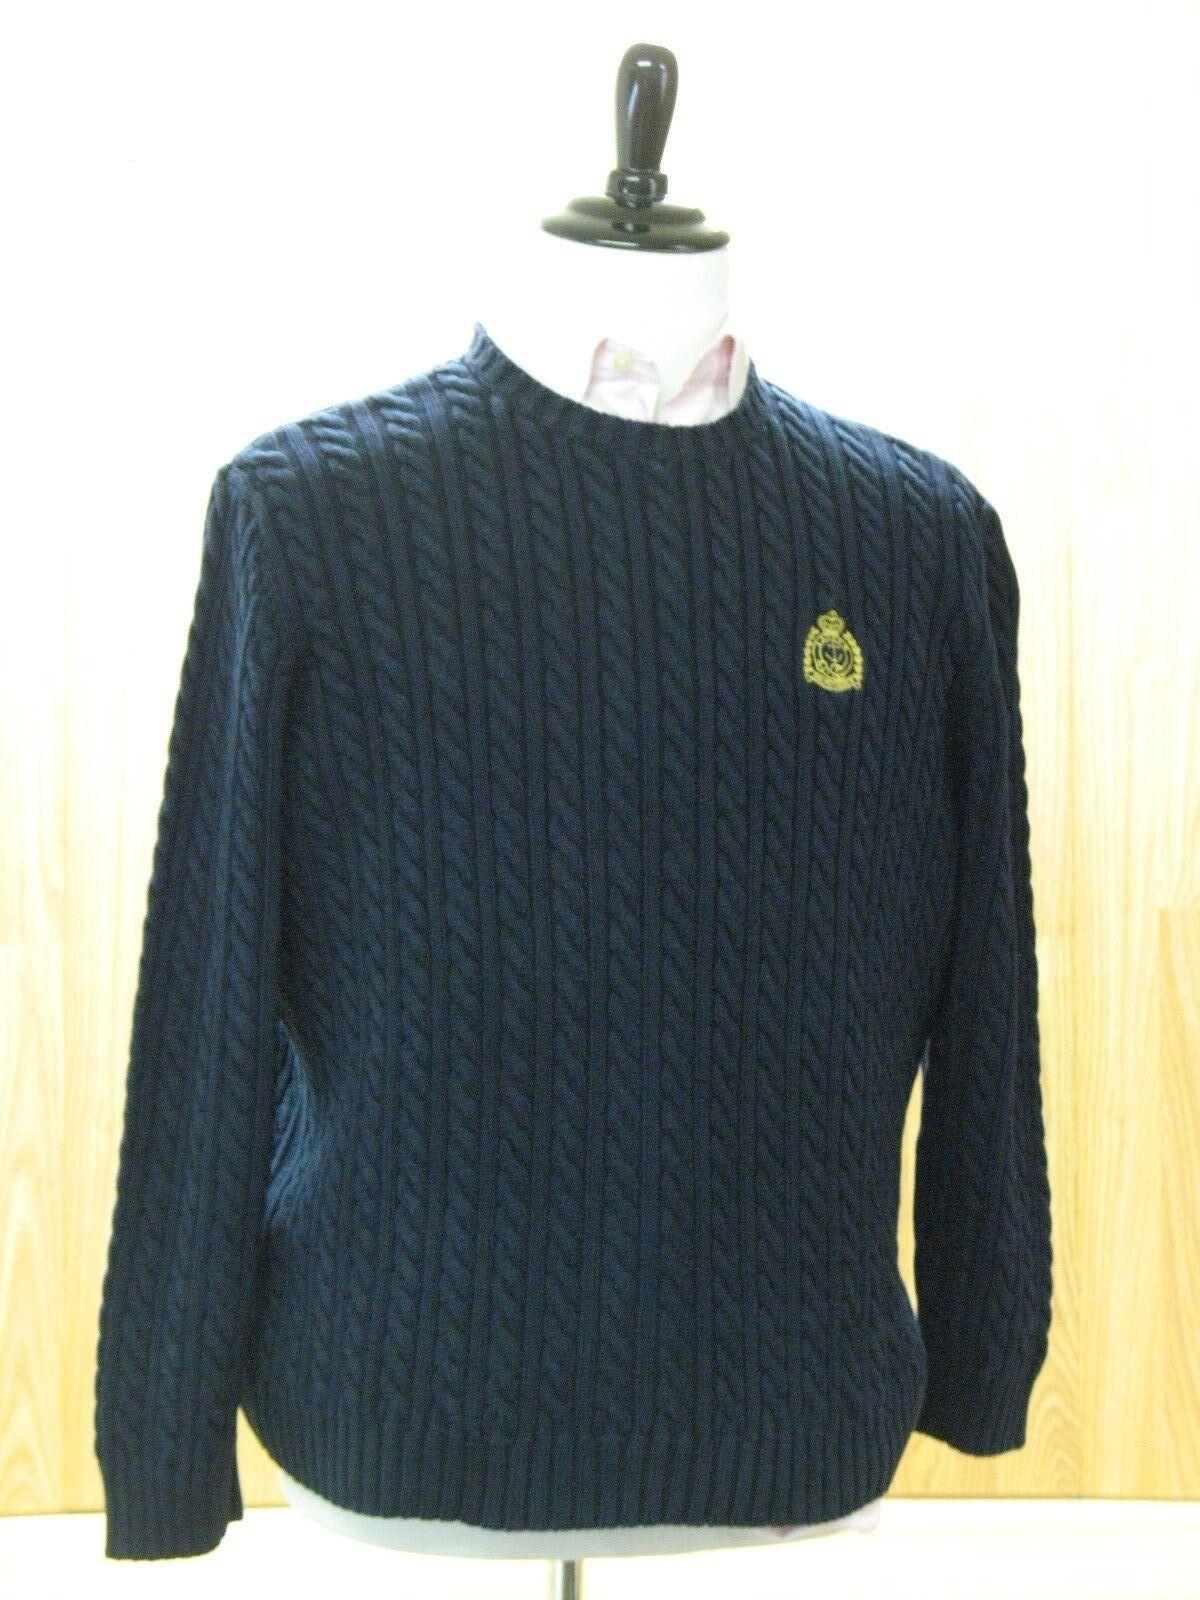 Blau Cable Knit Sweater, Lauren Ralph Lauren, Gold Emblem, 100% Cotton, Größe: XL